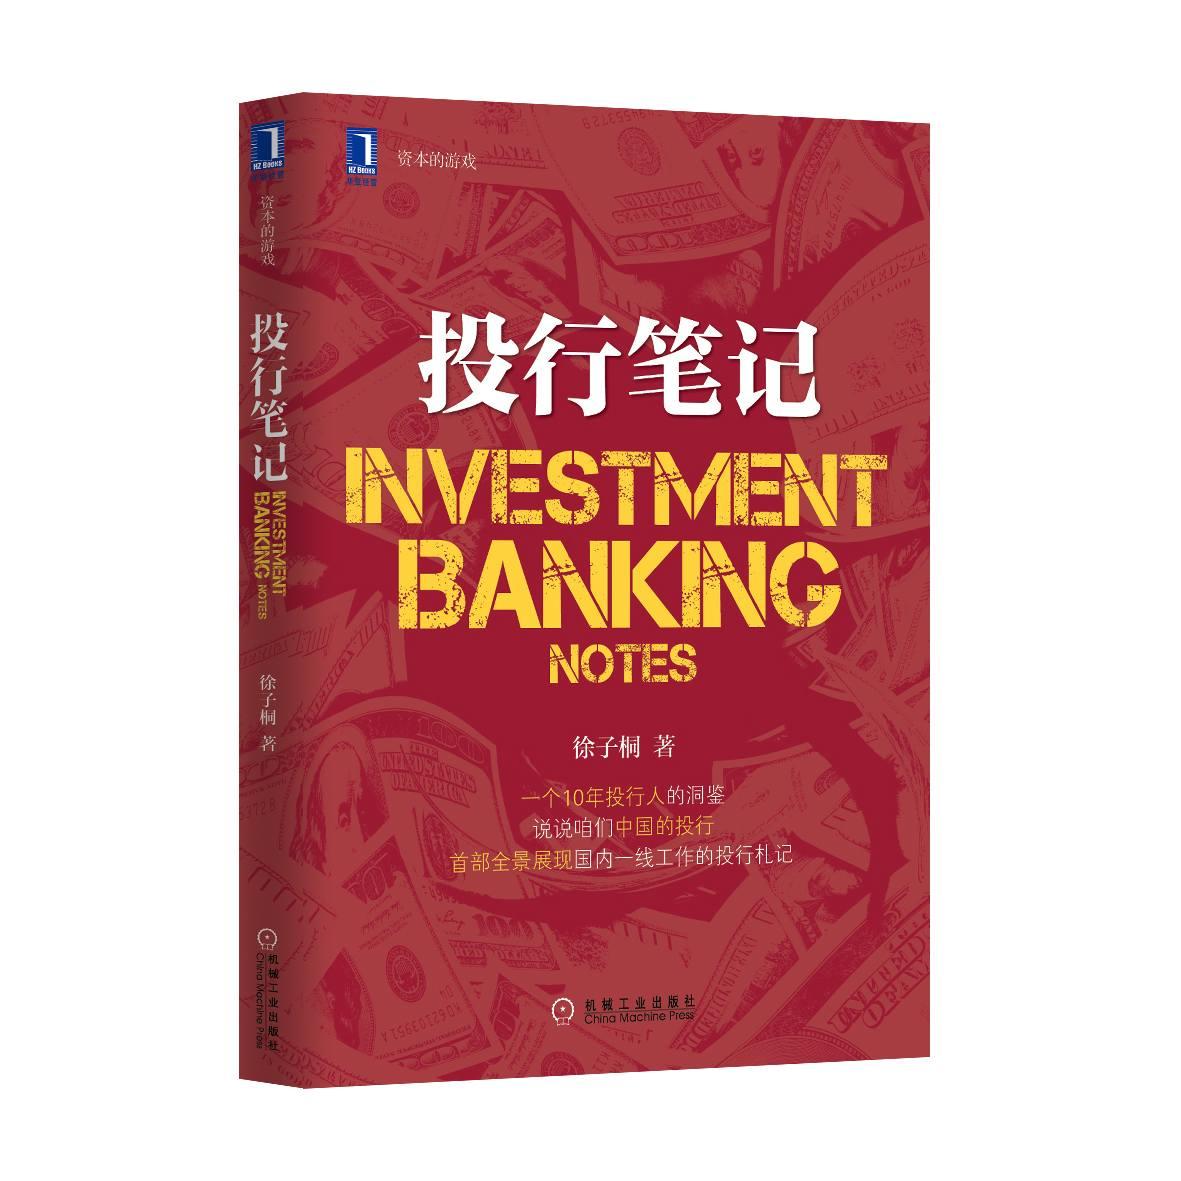 3803280|正版包邮投行笔记/经典金融投资